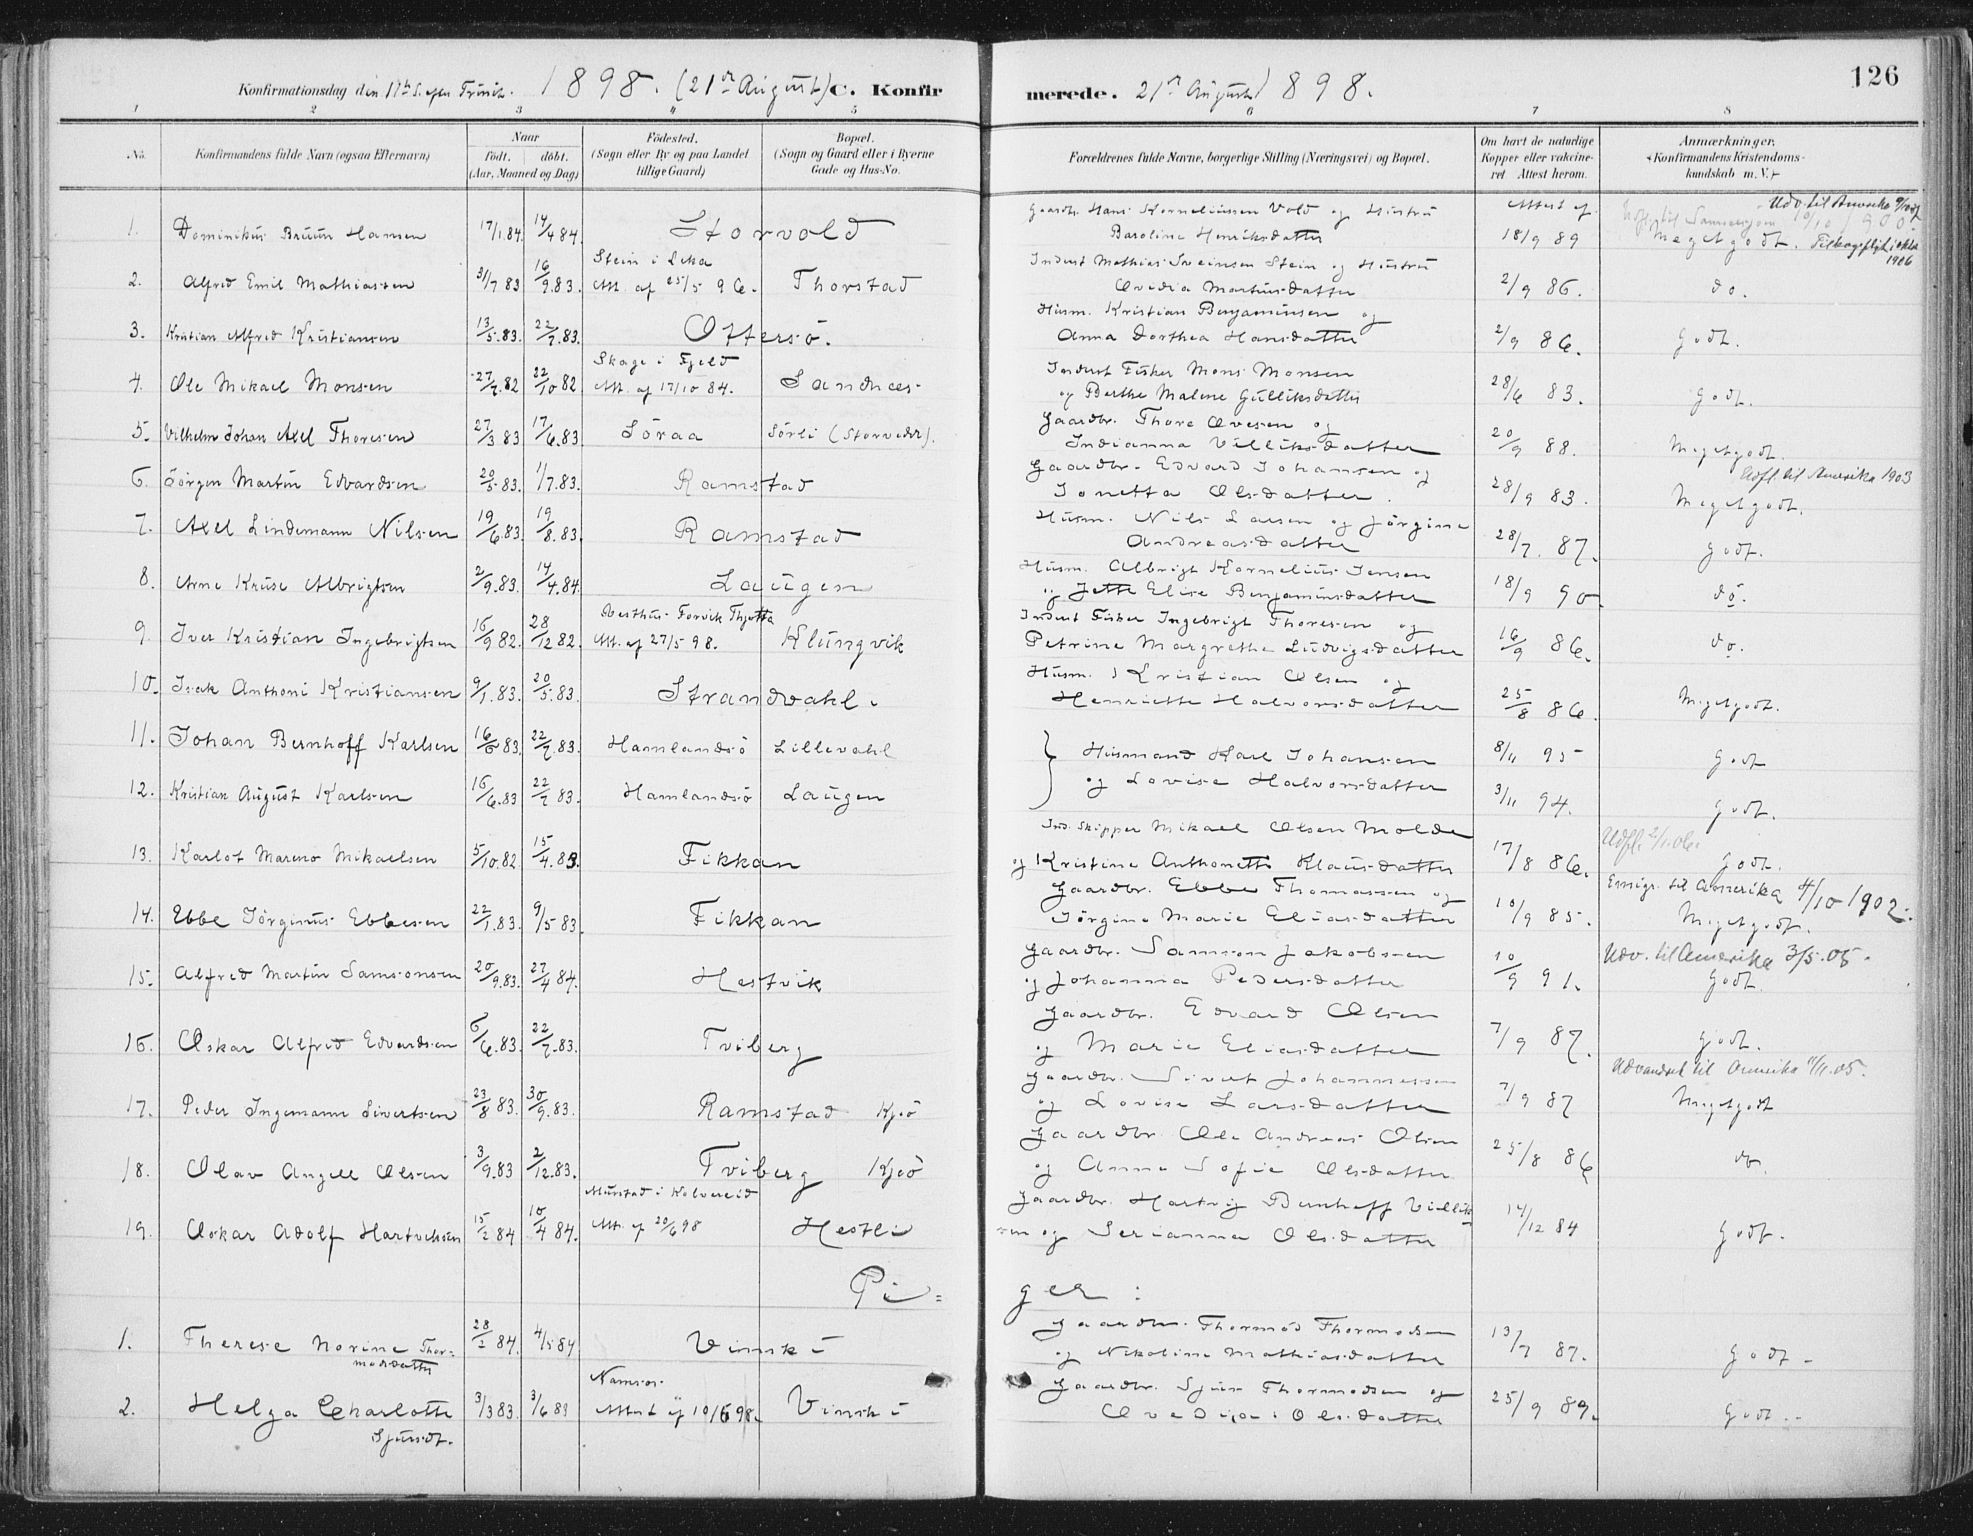 SAT, Ministerialprotokoller, klokkerbøker og fødselsregistre - Nord-Trøndelag, 784/L0673: Ministerialbok nr. 784A08, 1888-1899, s. 126